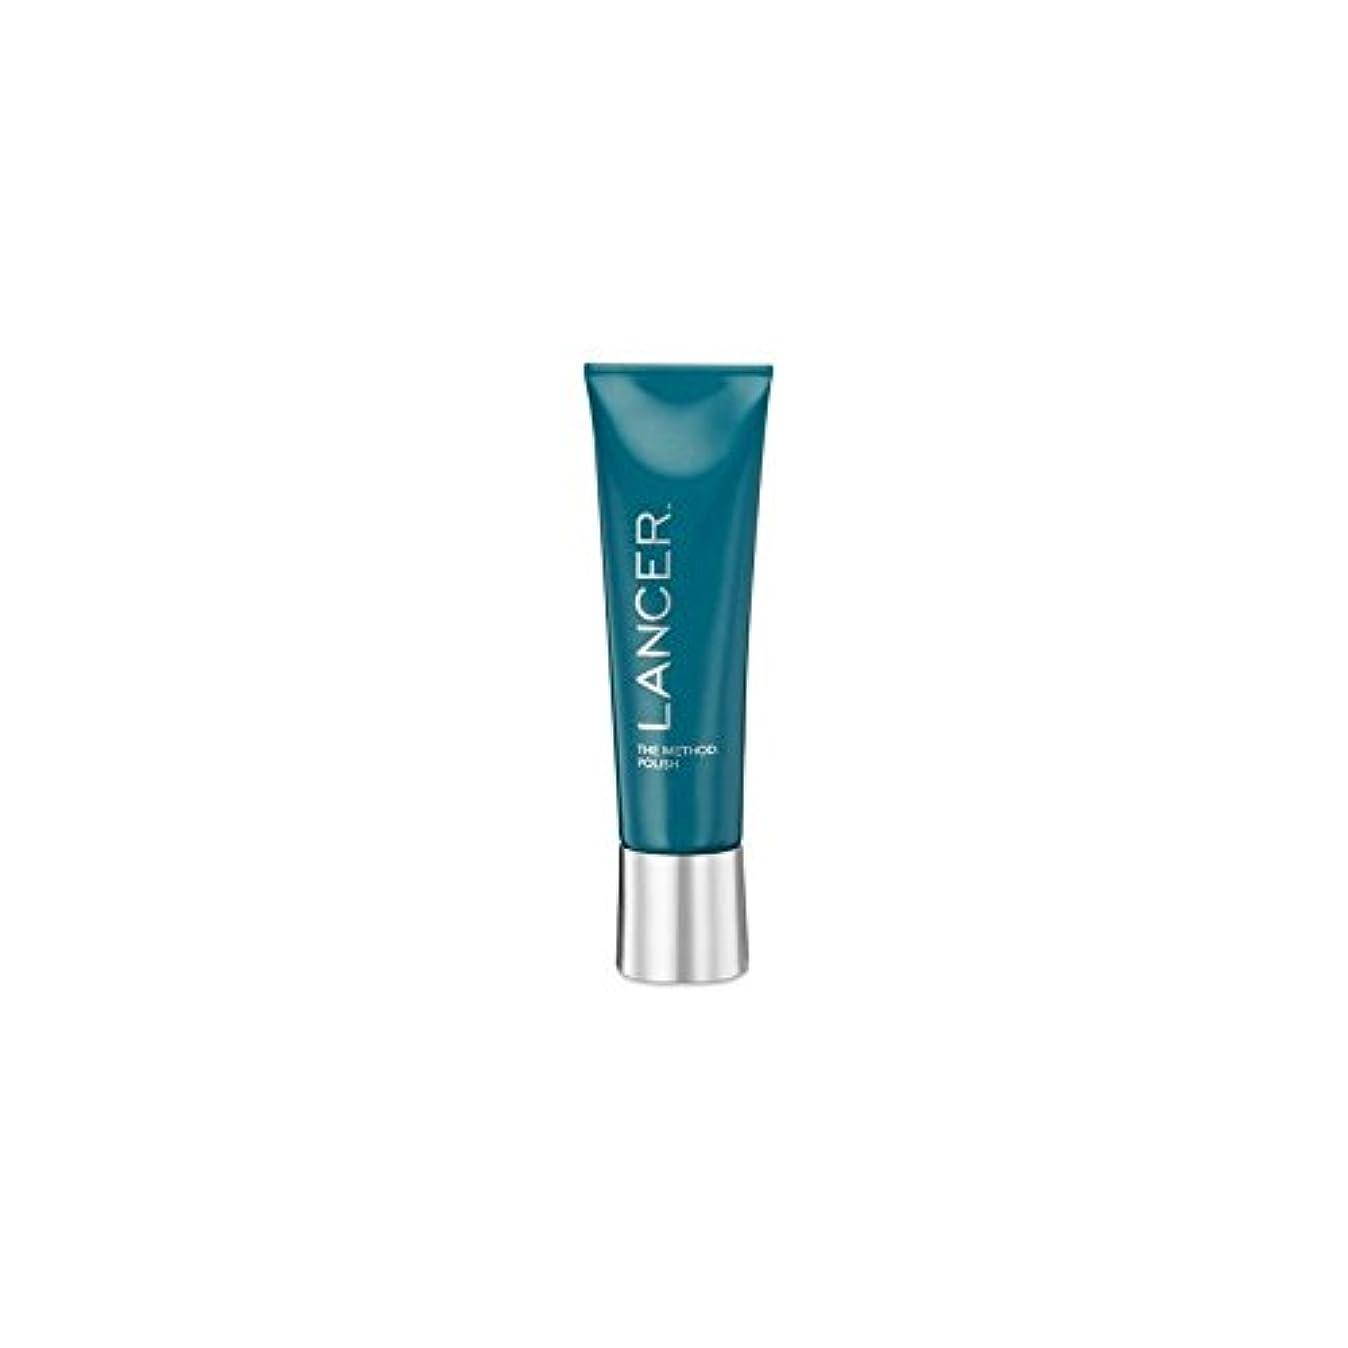 フラフープ投票粘り強いLancer Skincare The Method: Polish (120G) (Pack of 6) - ポリッシュ(120グラム):ランサーは、メソッドをスキンケア x6 [並行輸入品]